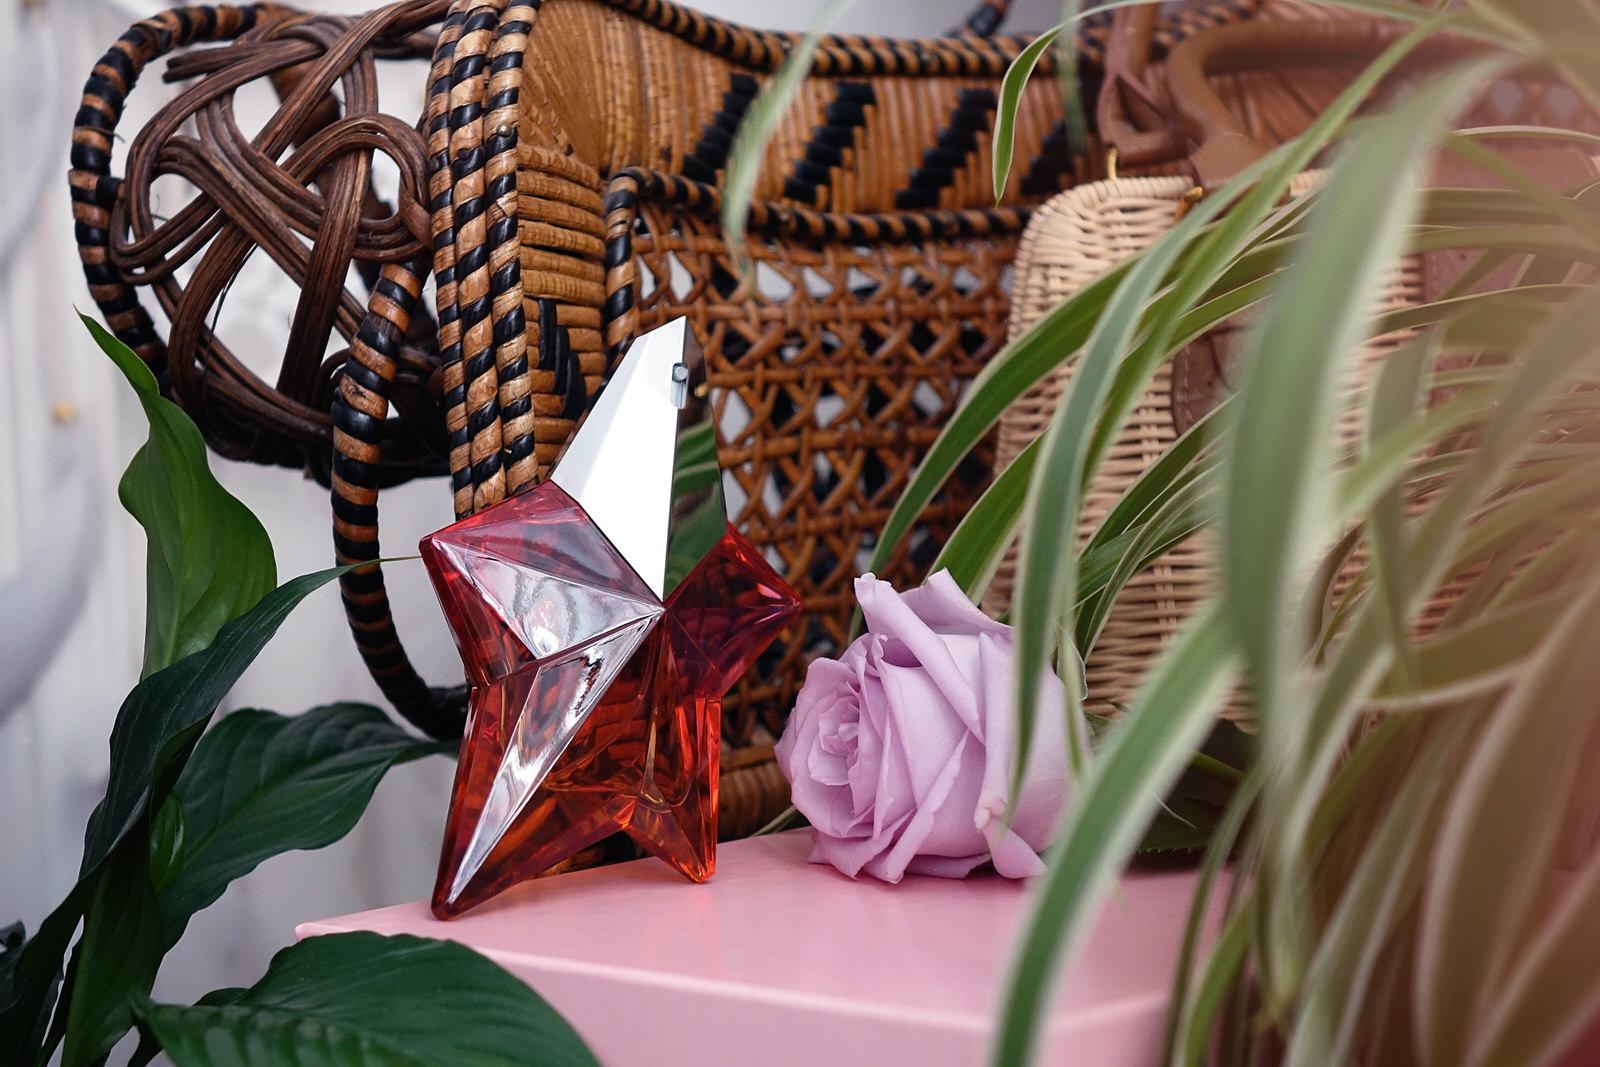 le nouveau parfum Angel de Mugler, Summer 2020